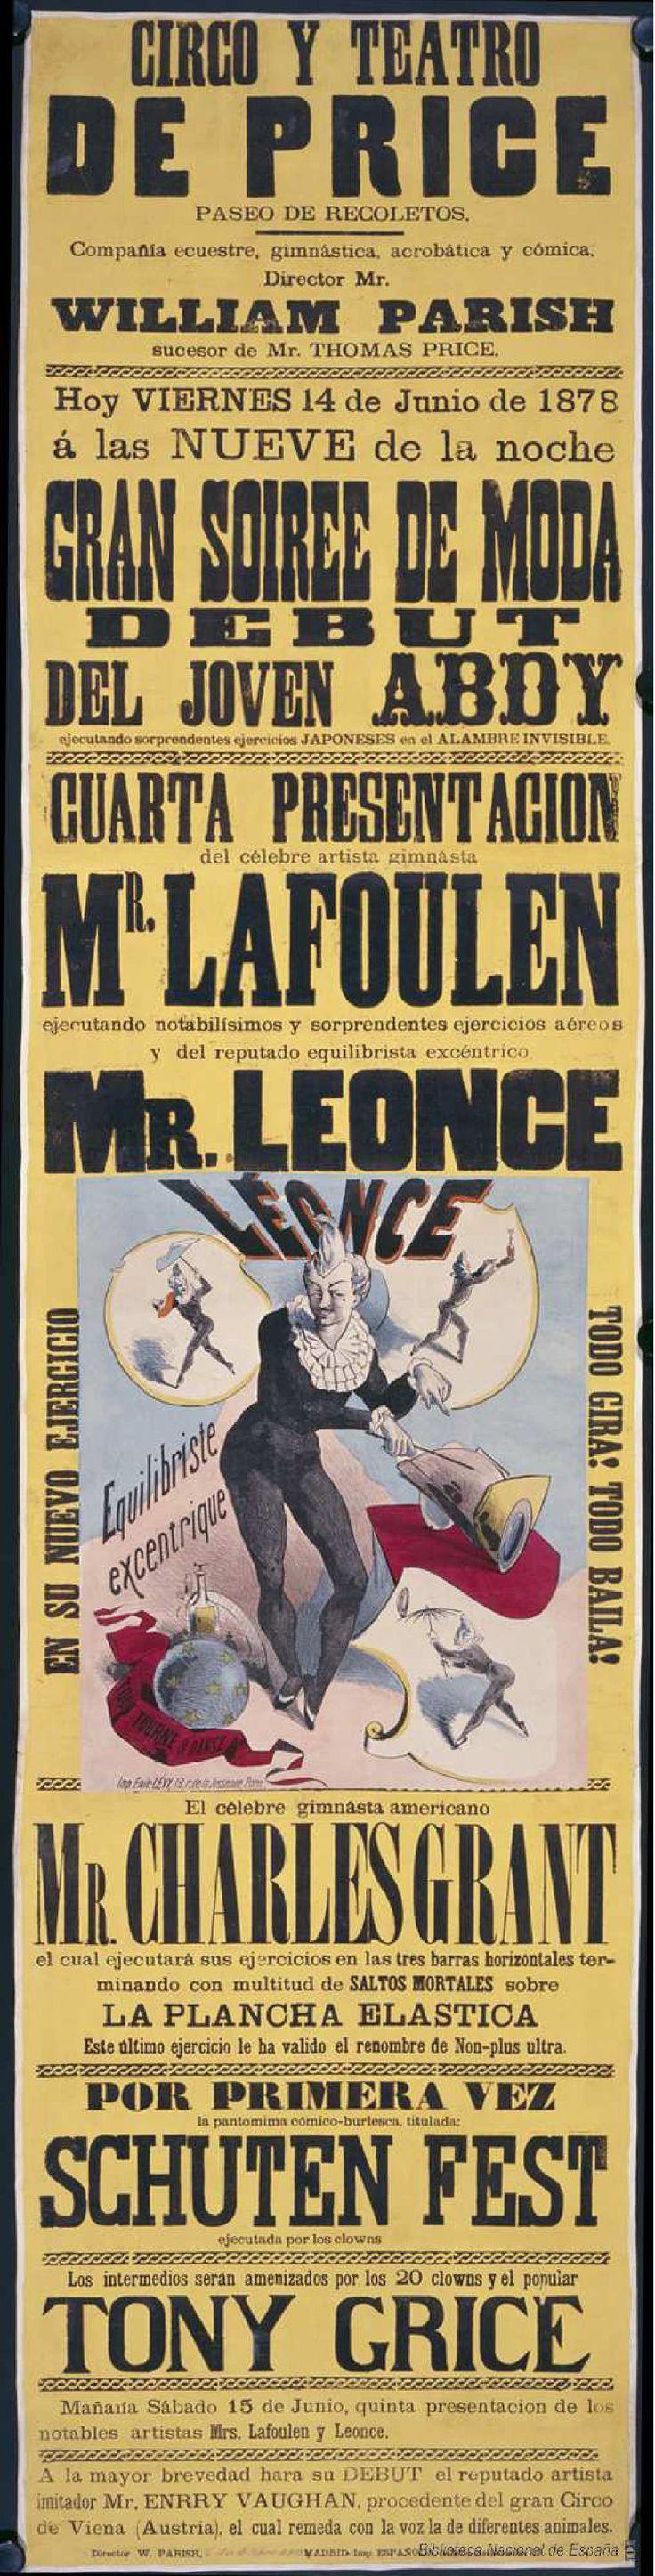 Gran soiree de moda. Circo Price — Dibujos, grabados y fotografías — 1878 http://bdh-rd.bne.es/viewer.vm?id=0000032883